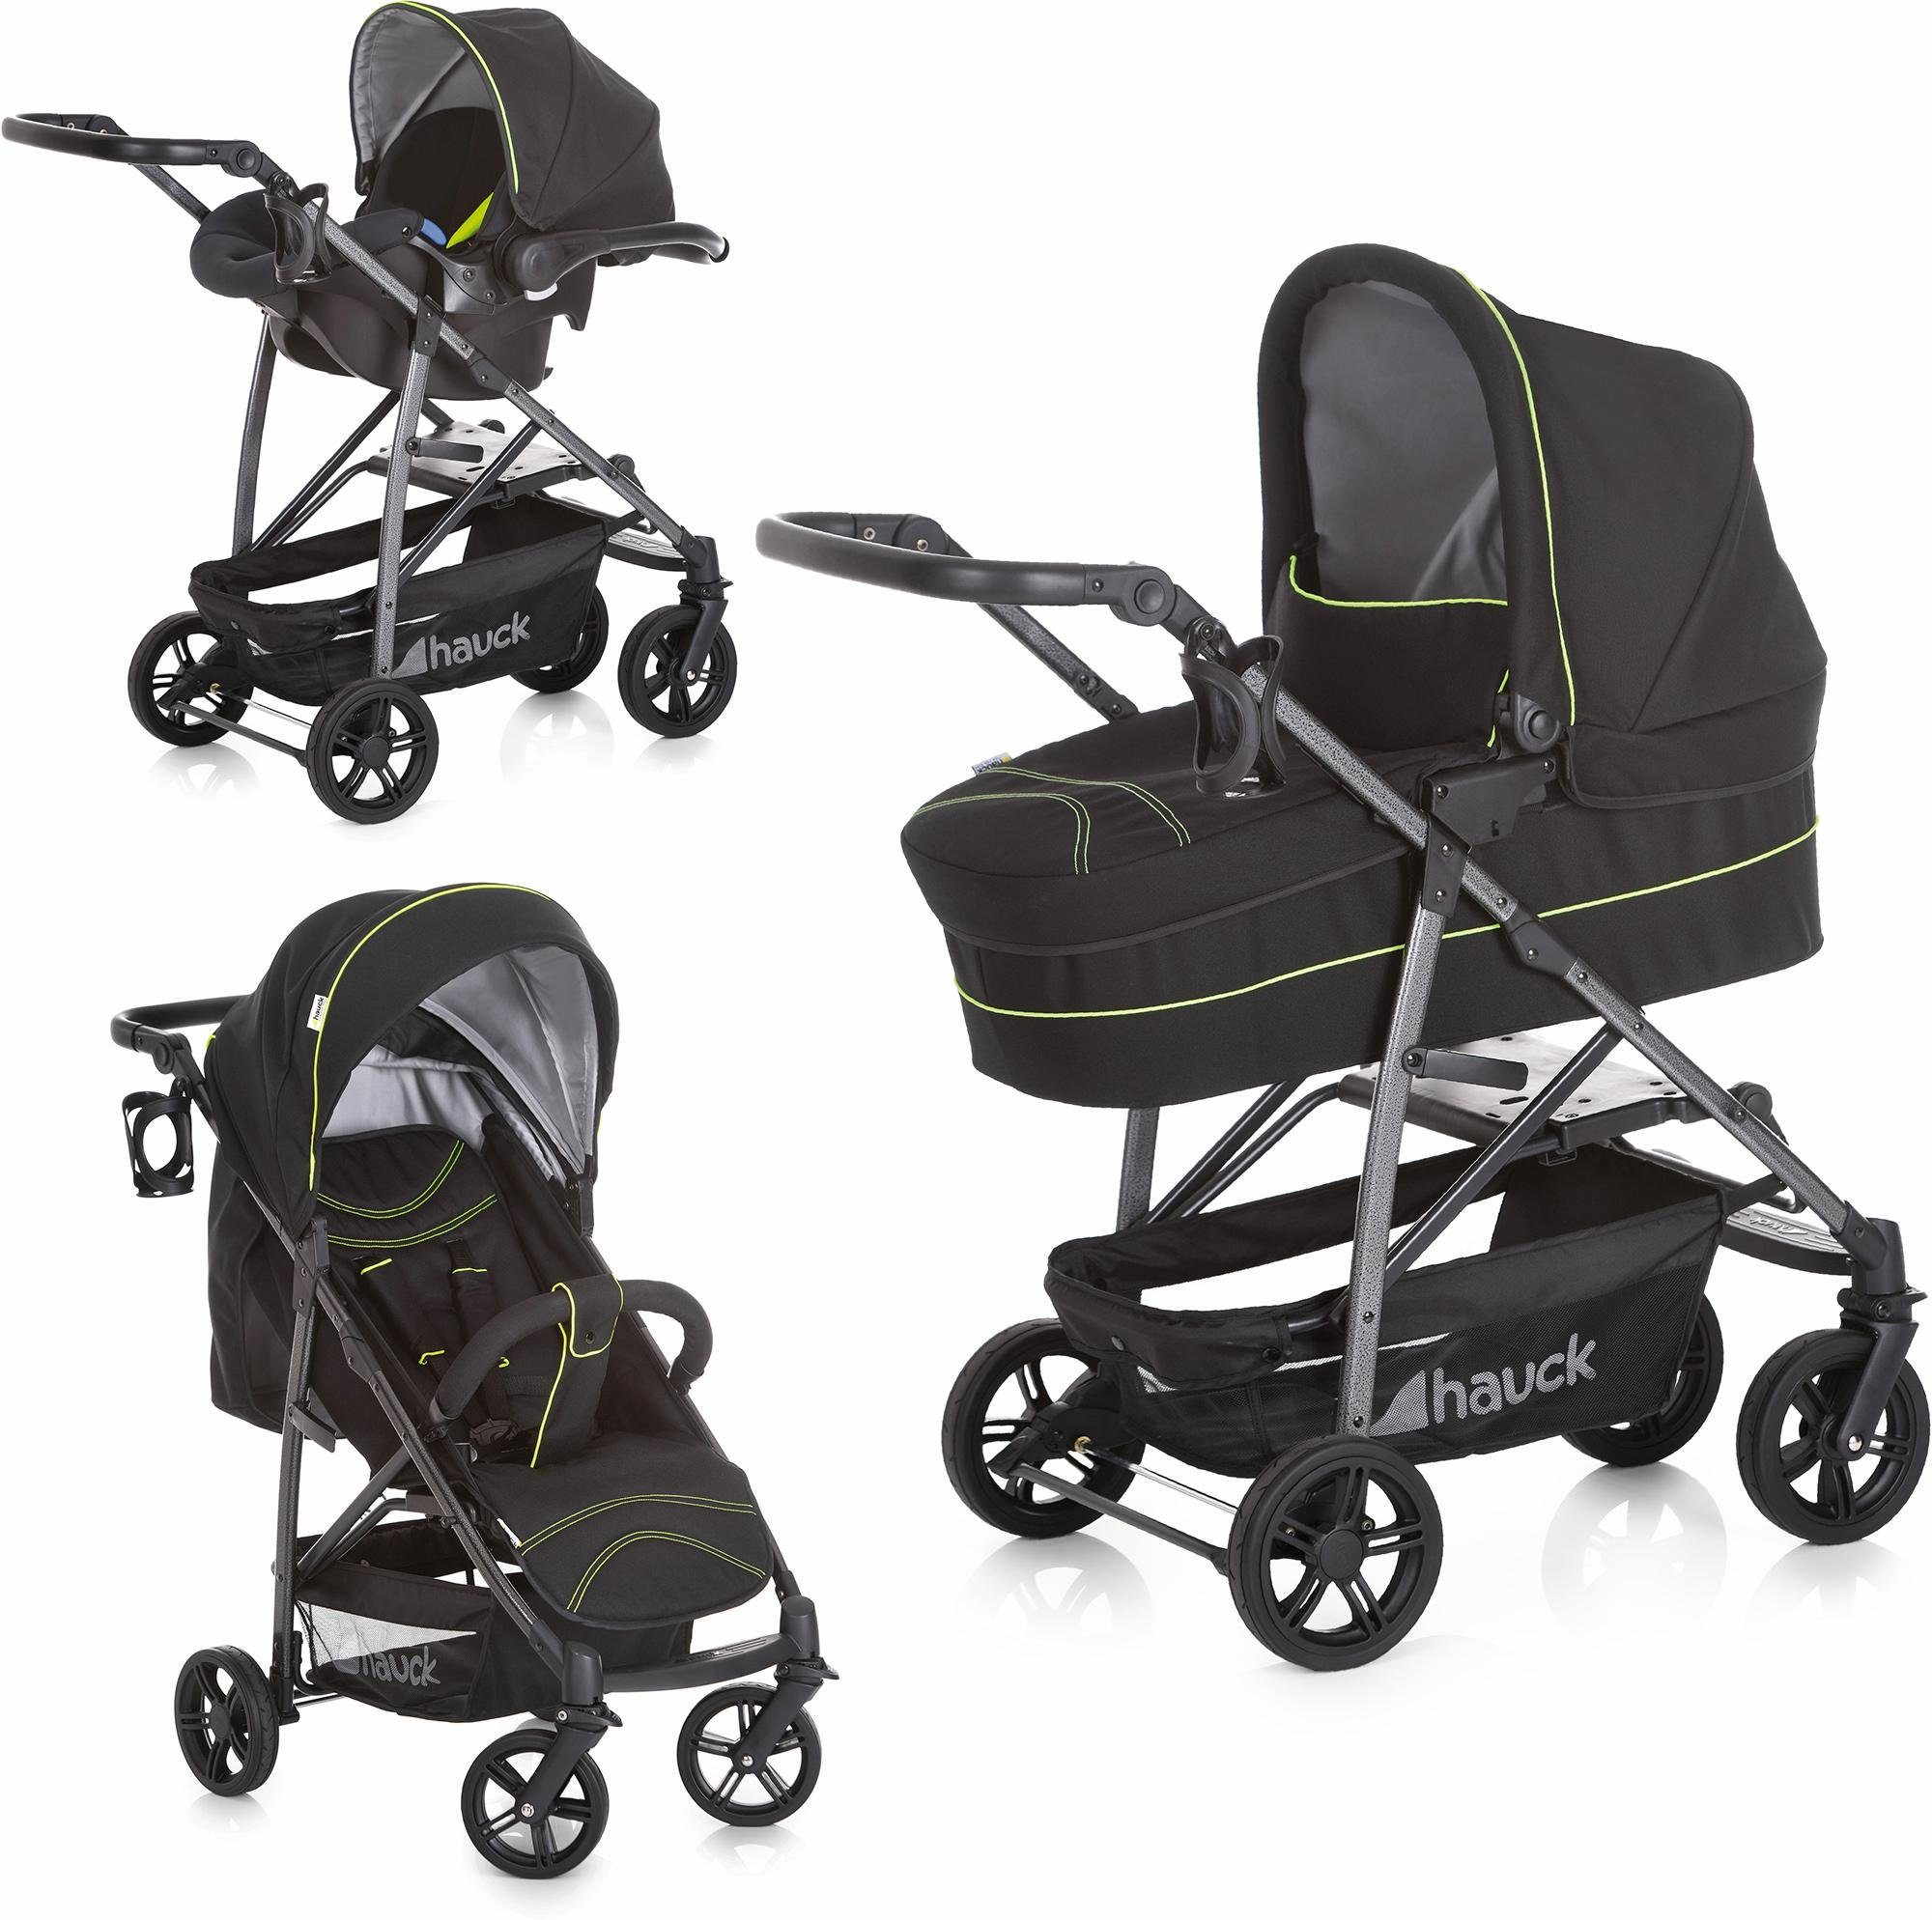 hauck FUN FOR KIDS Kombi-Kinderwagen inkl. Babyschale, »Rapid 4S Plus Trio Set Caviar/Neon Yellow«